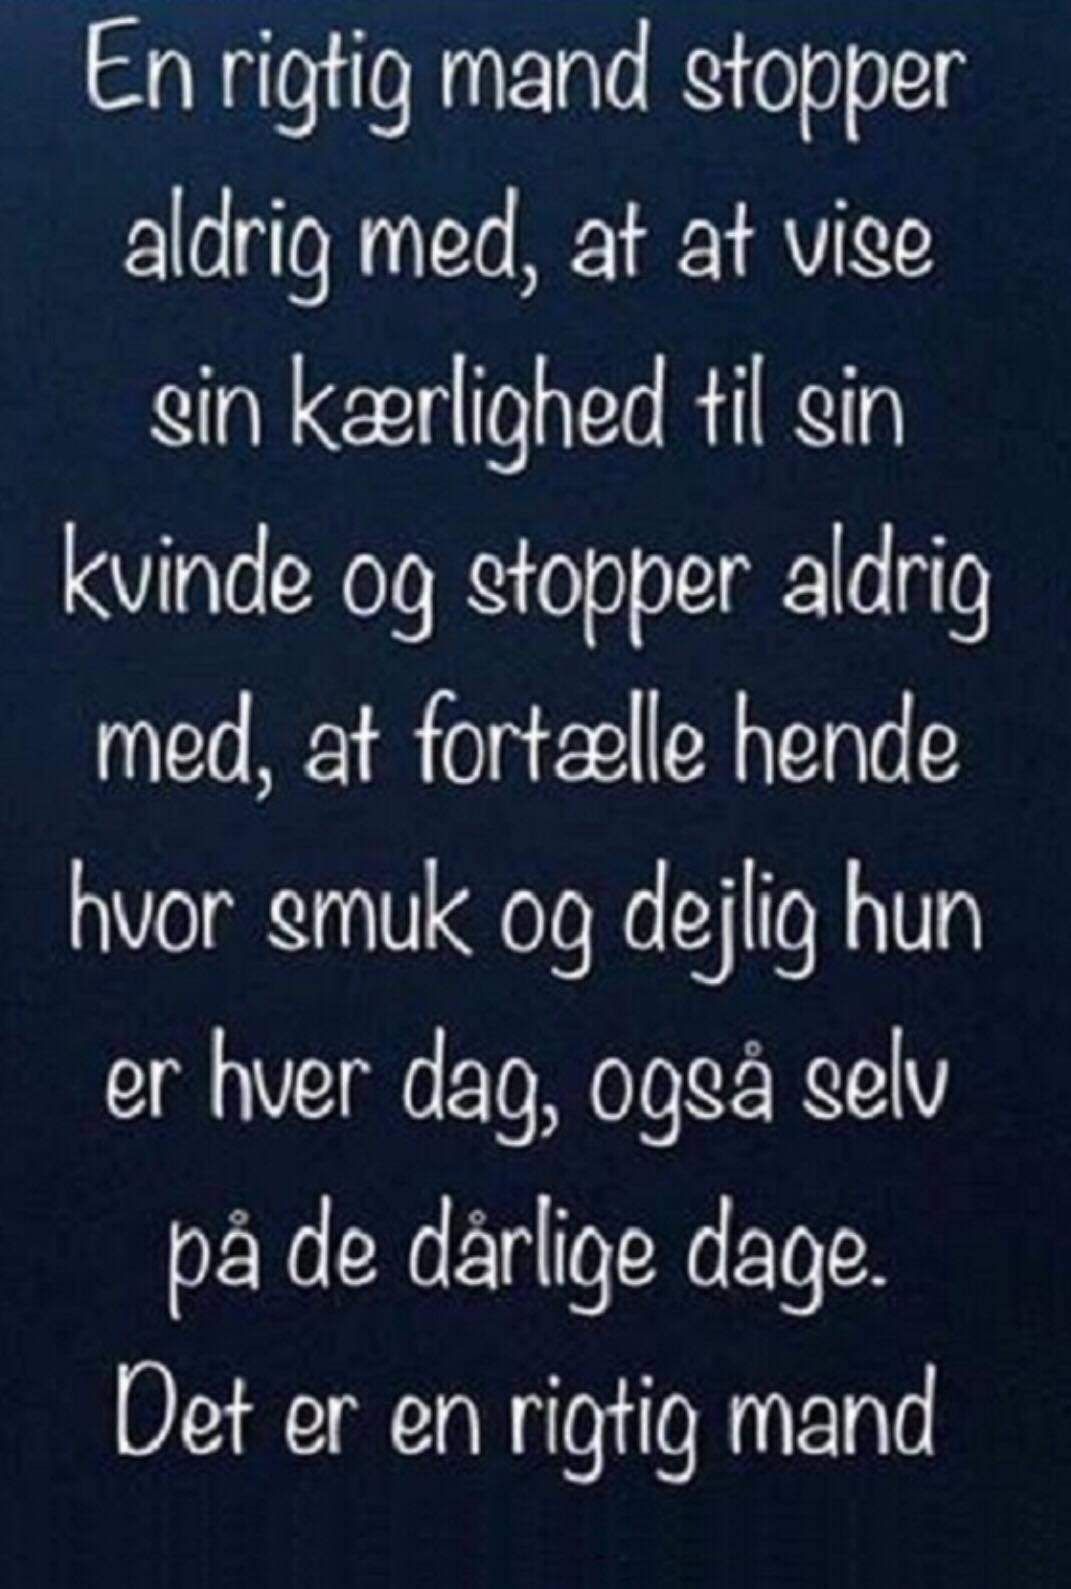 dagens citat om kærlighed kærlighed   Danmarks smukkeste citater, Citater om kærlighed  dagens citat om kærlighed